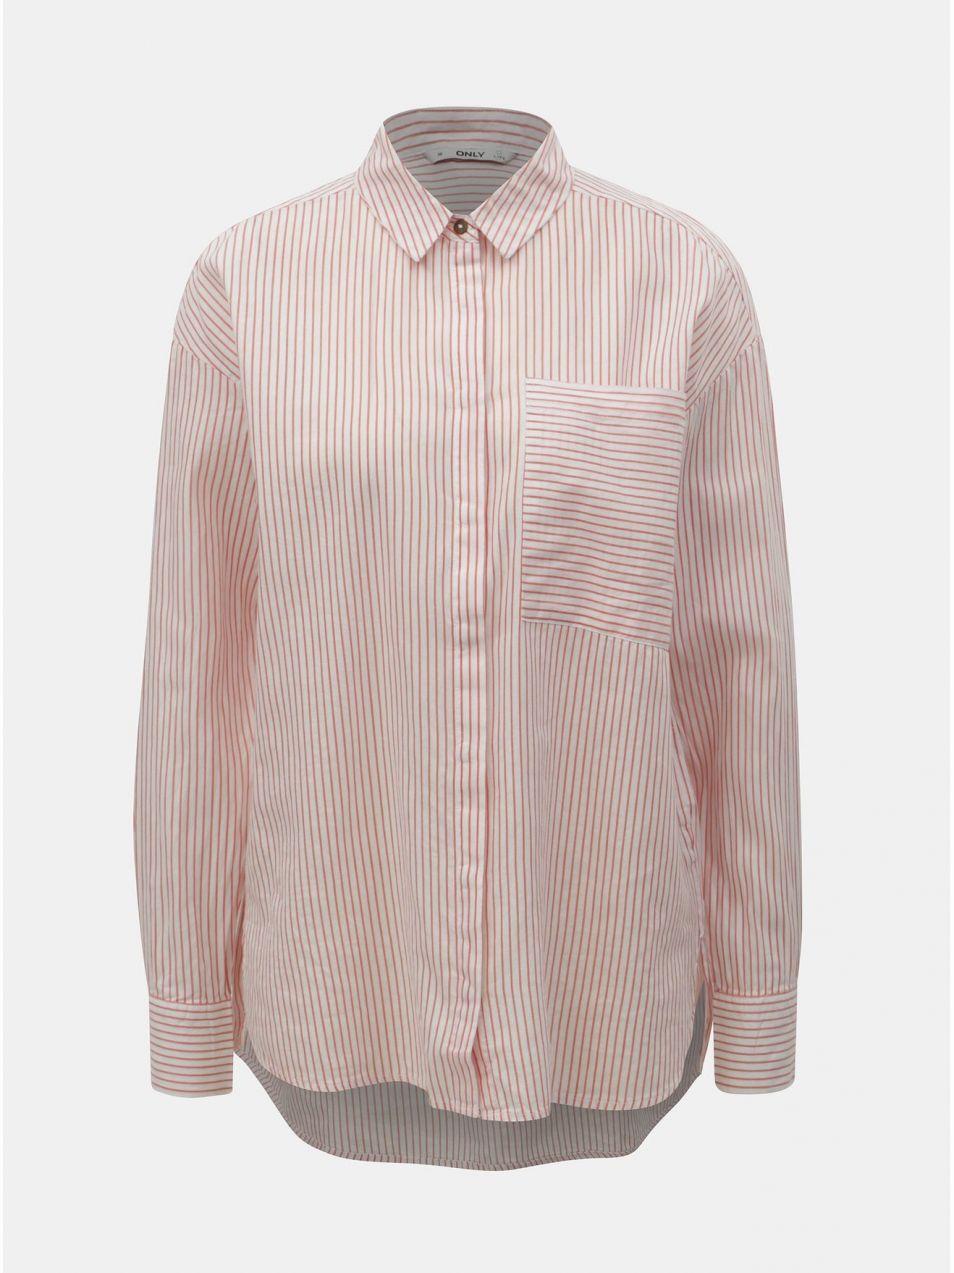 b48566ec11b7 Červeno–biela pruhovaná košeľa ONLY Carry značky ONLY - Lovely.sk